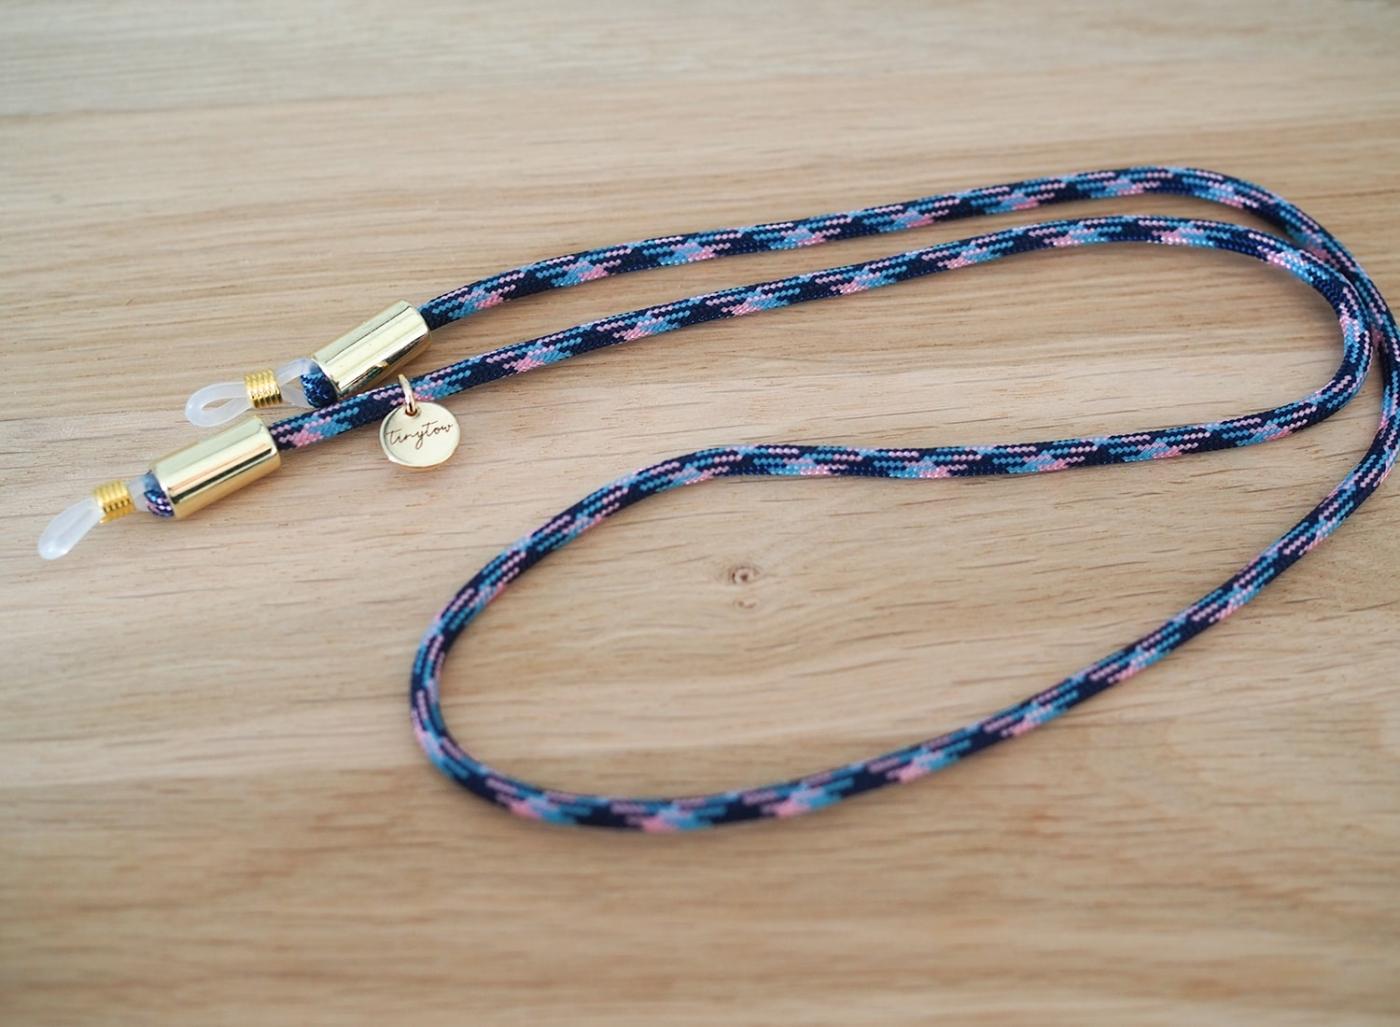 Gemustertes Brillenband ind blau/rosa mit goldenen Details